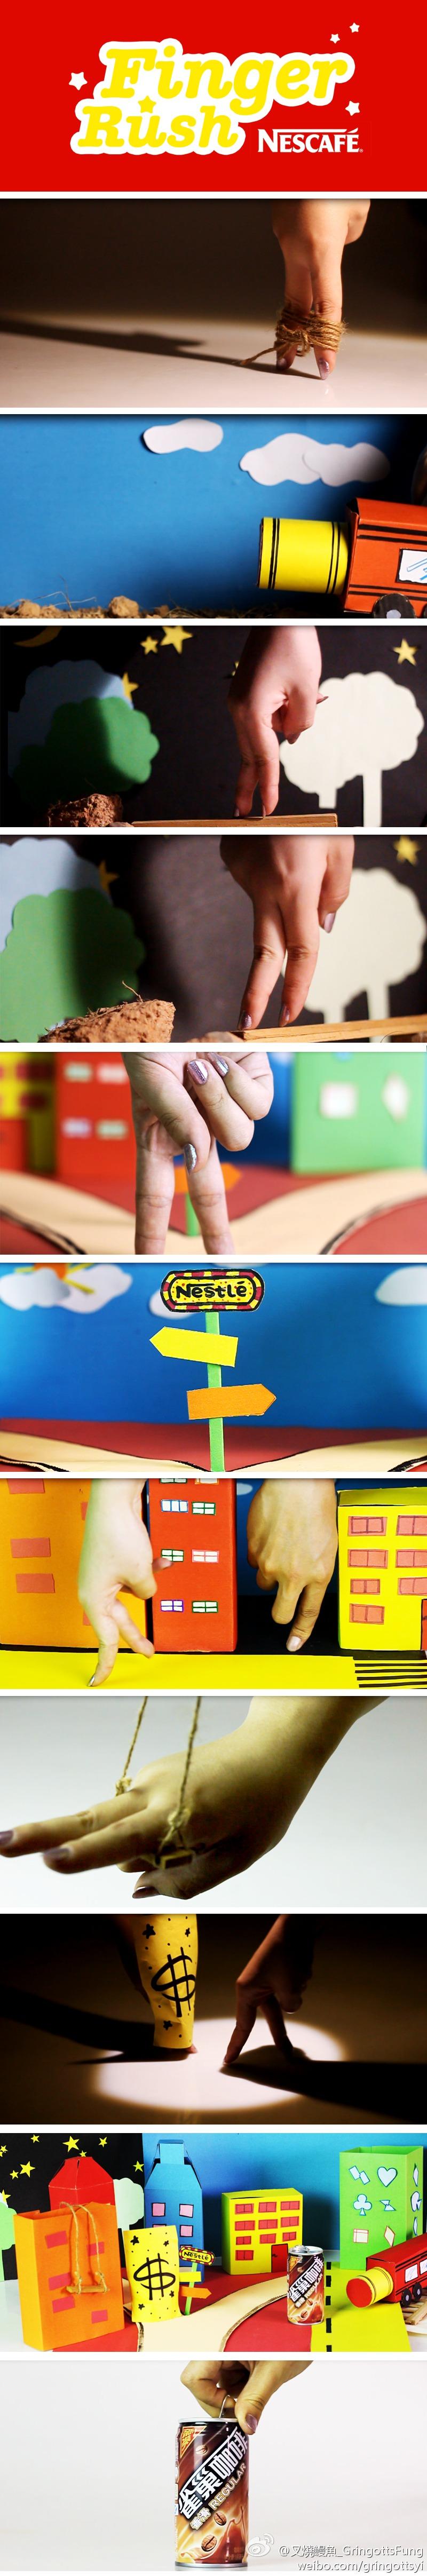 路,<br> 犹豫不决,两边都是路,<br> 但我偏要走自己的路!<br> <br